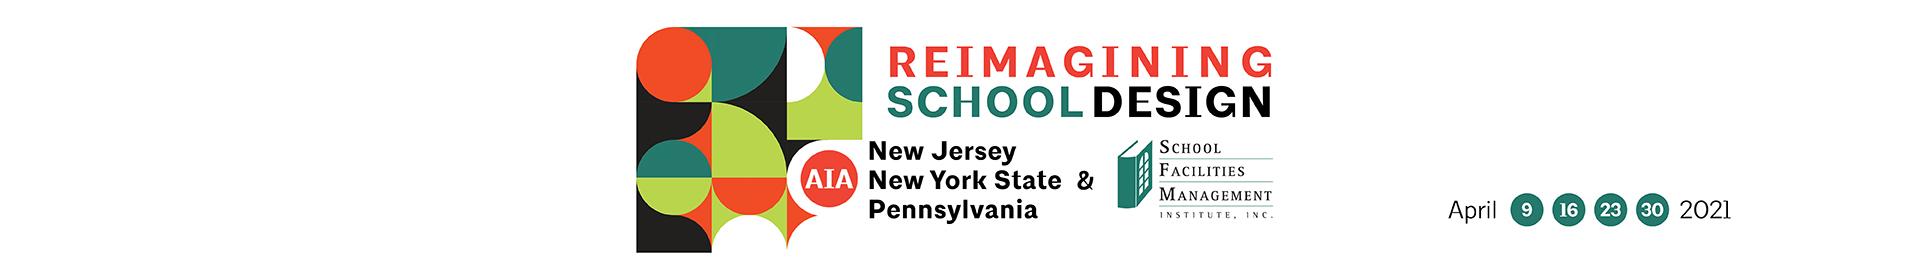 Re-Imagining School Design